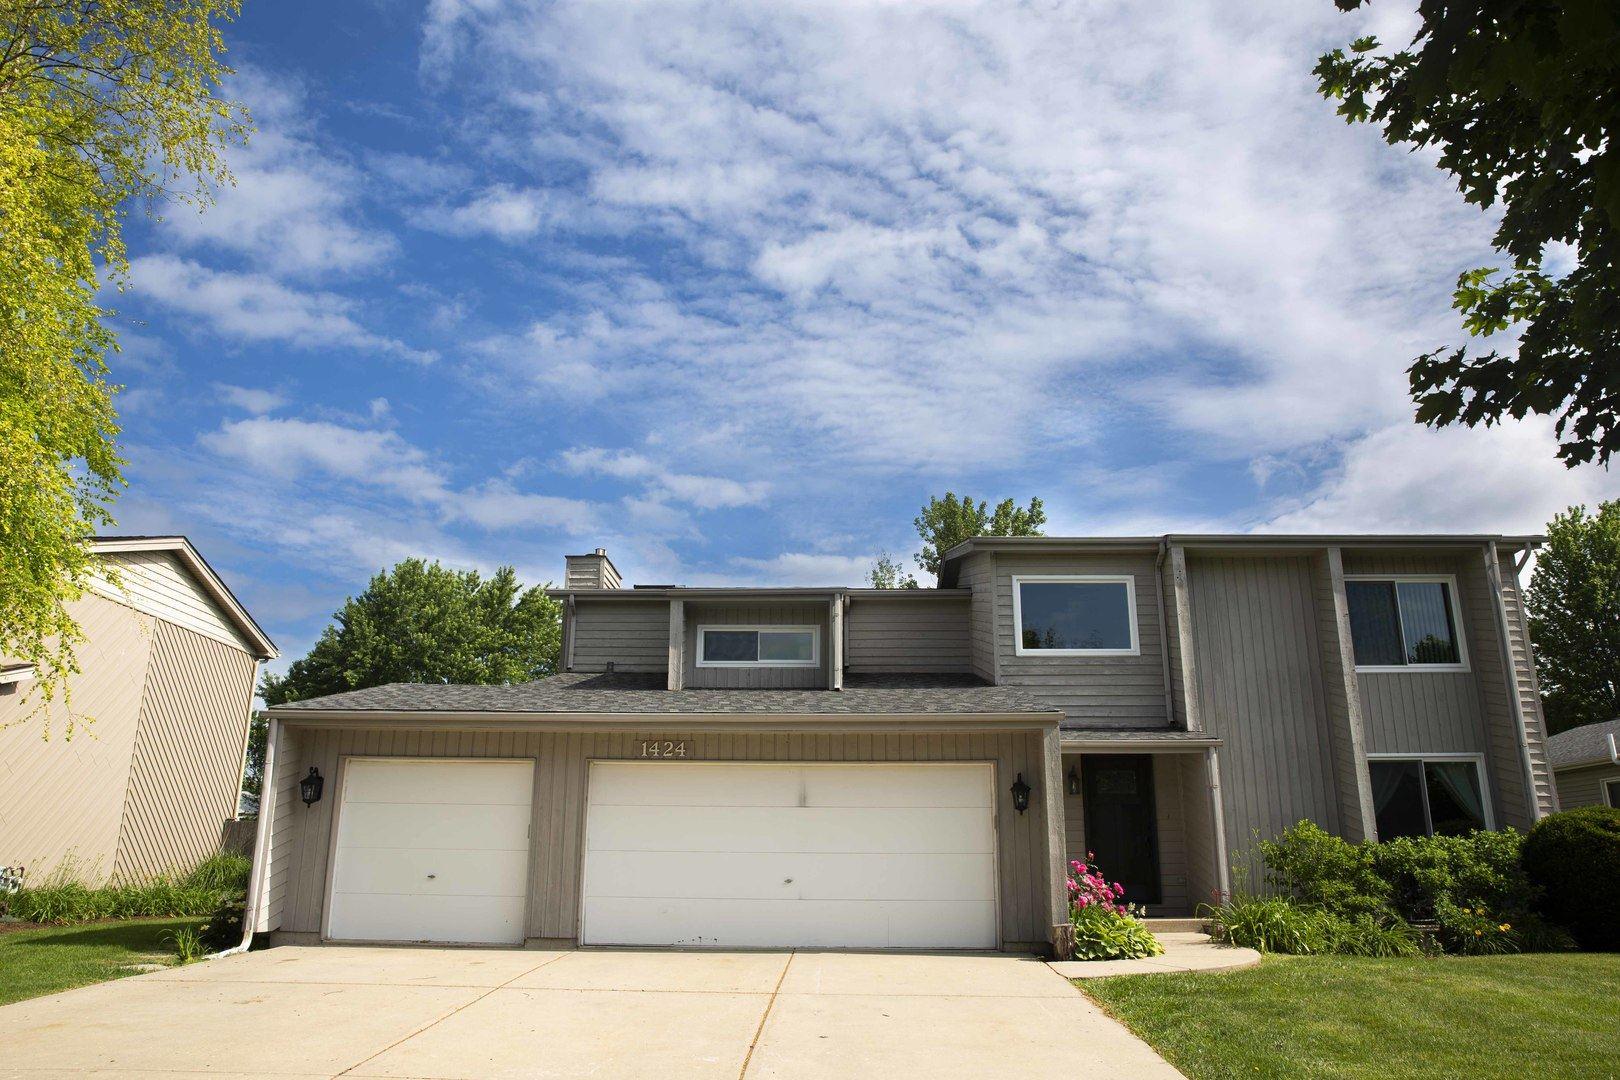 Photo of 1424 Comanche Drive, Bolingbrook, IL 60490 (MLS # 11128235)